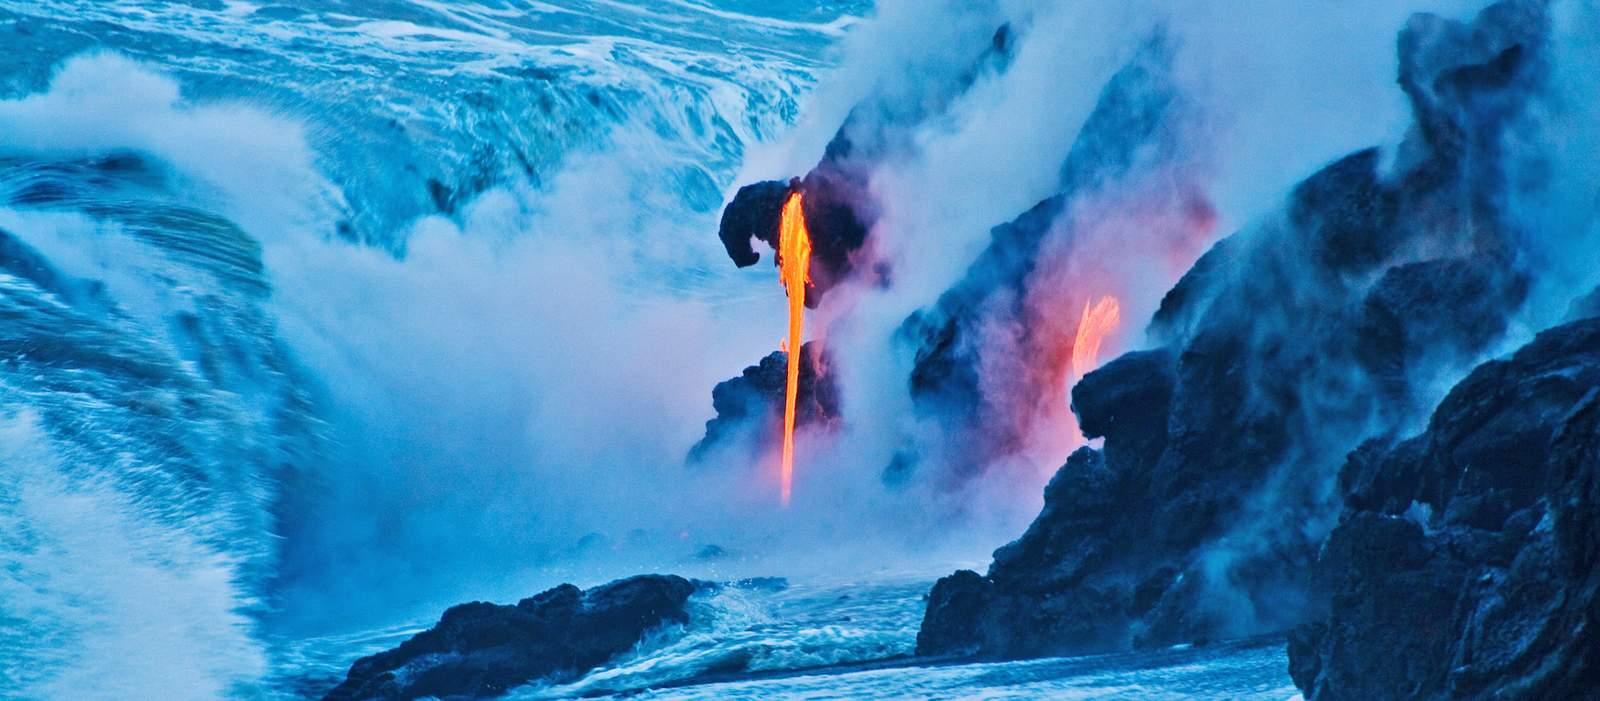 Lava trifft auf Wasser